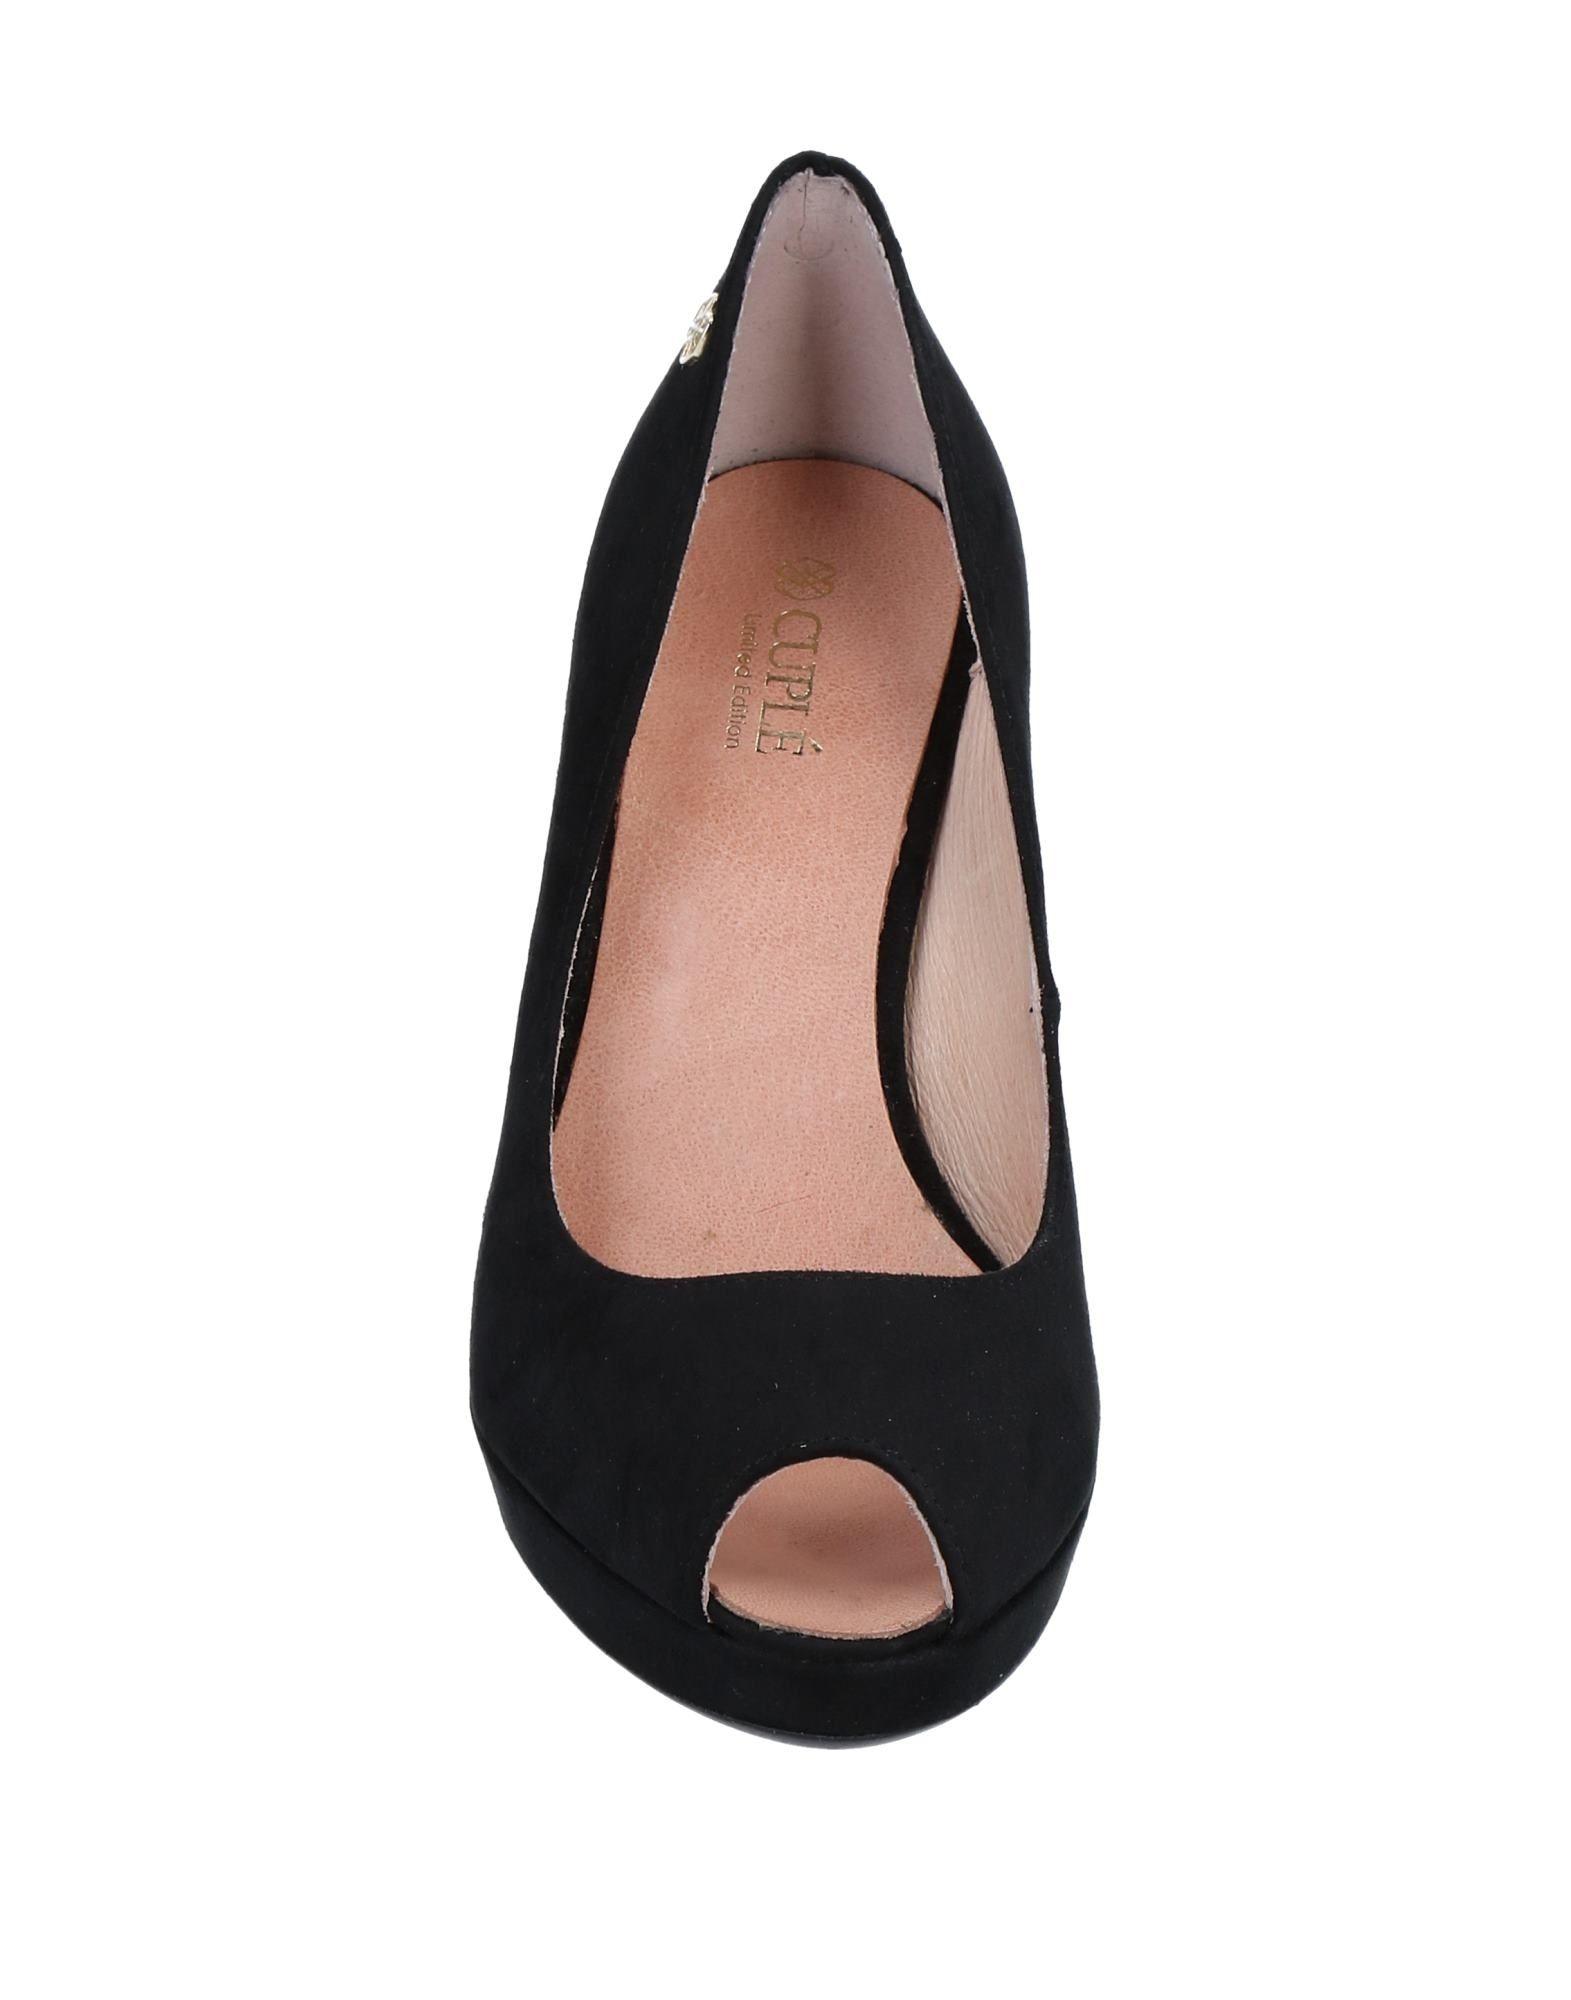 Cuplé Pumps Damen  11543726IU Schuhe Gute Qualität beliebte Schuhe 11543726IU 3d6bc3